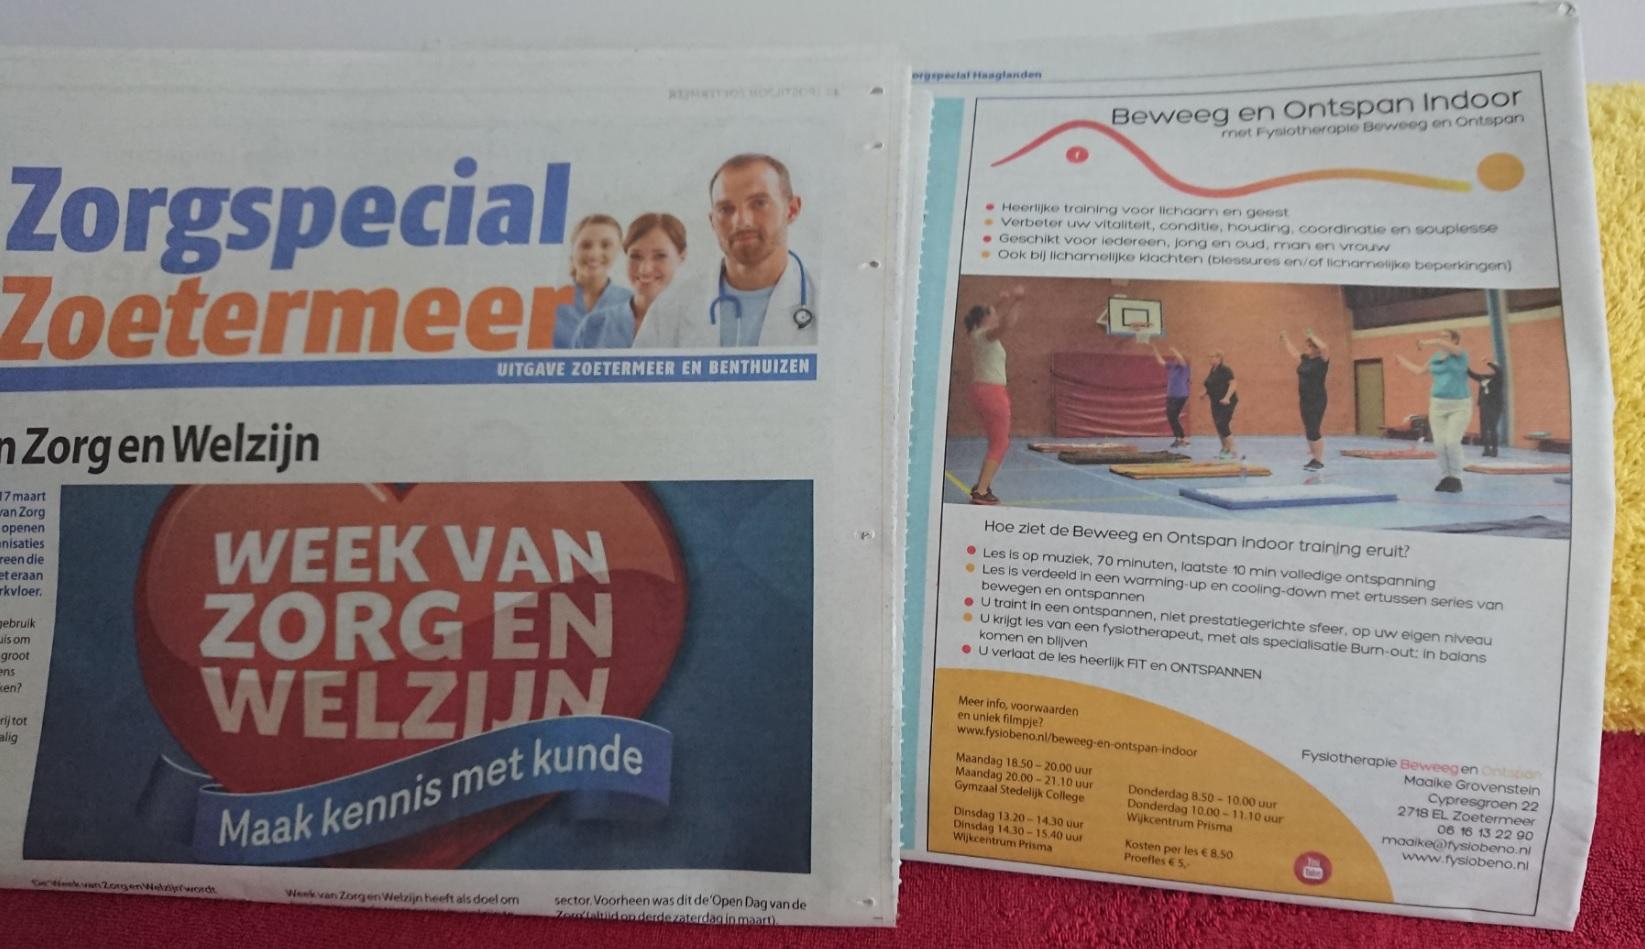 Postiljon Zoetermeer Zorgspecial fysiotherapie